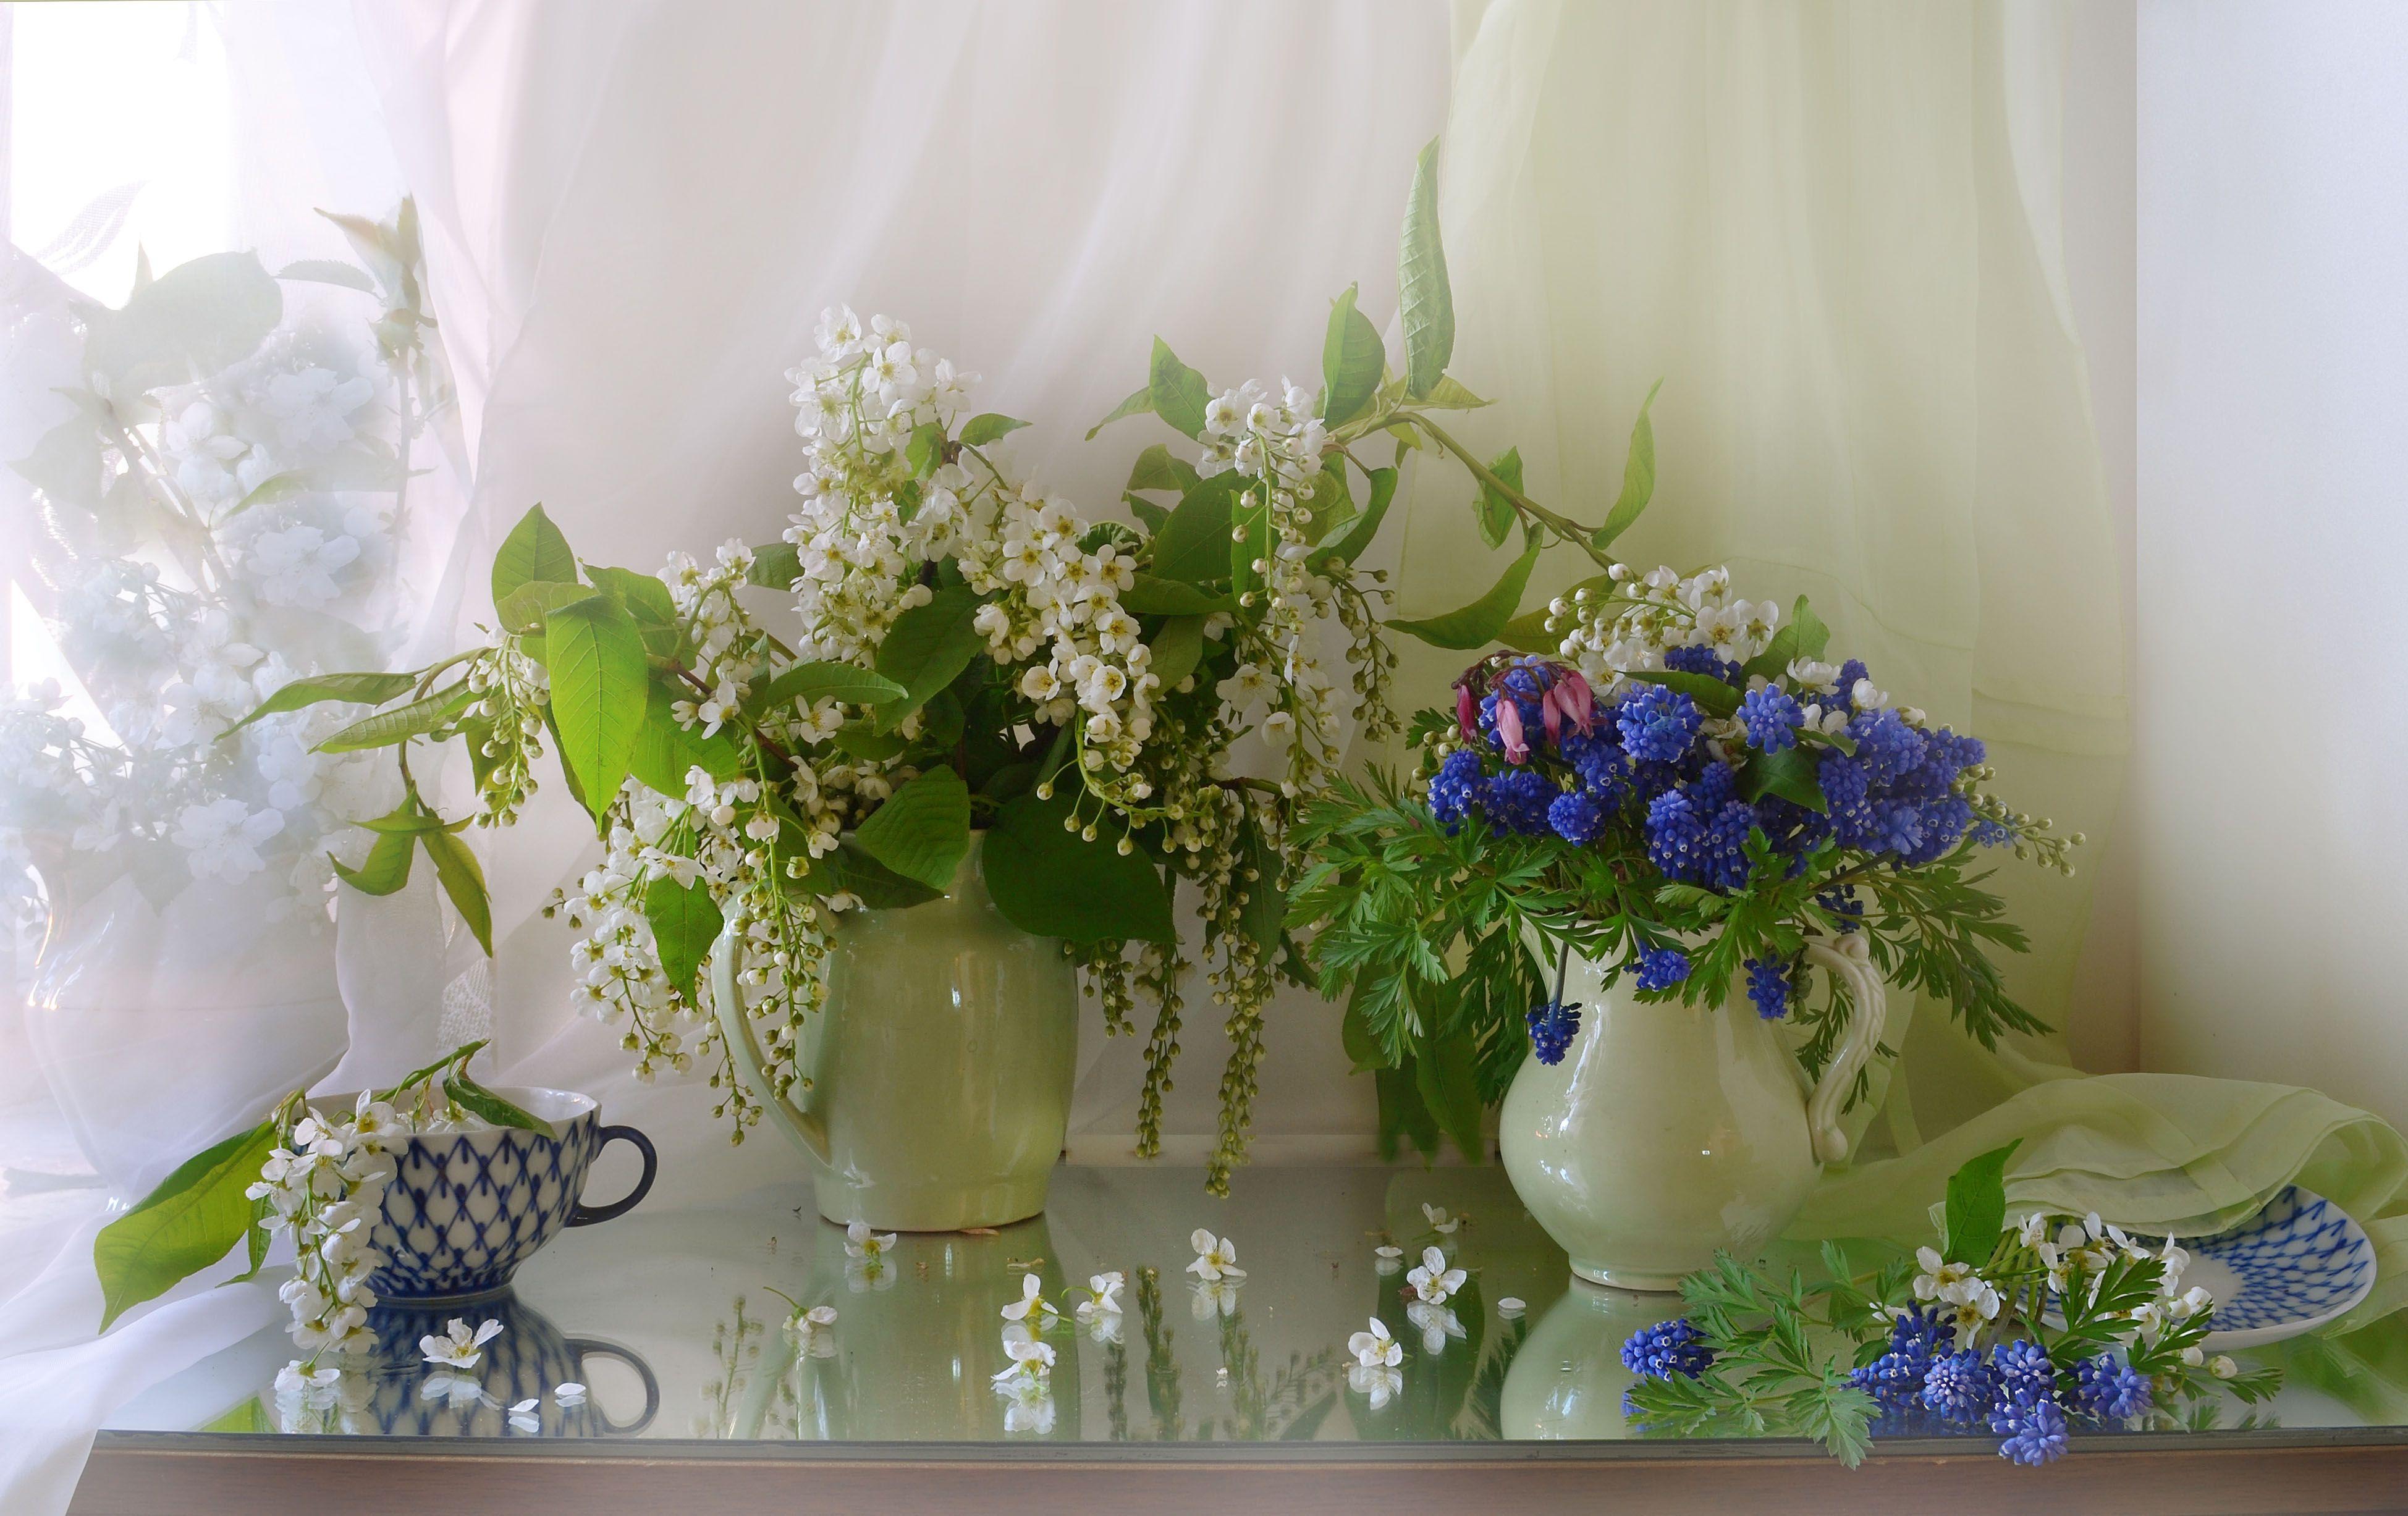 still life,натюрморт, весна, май, цветы, черёмуха, мускари, зеркало, отражение, фото натюрморт, последний день весны, Колова Валентина